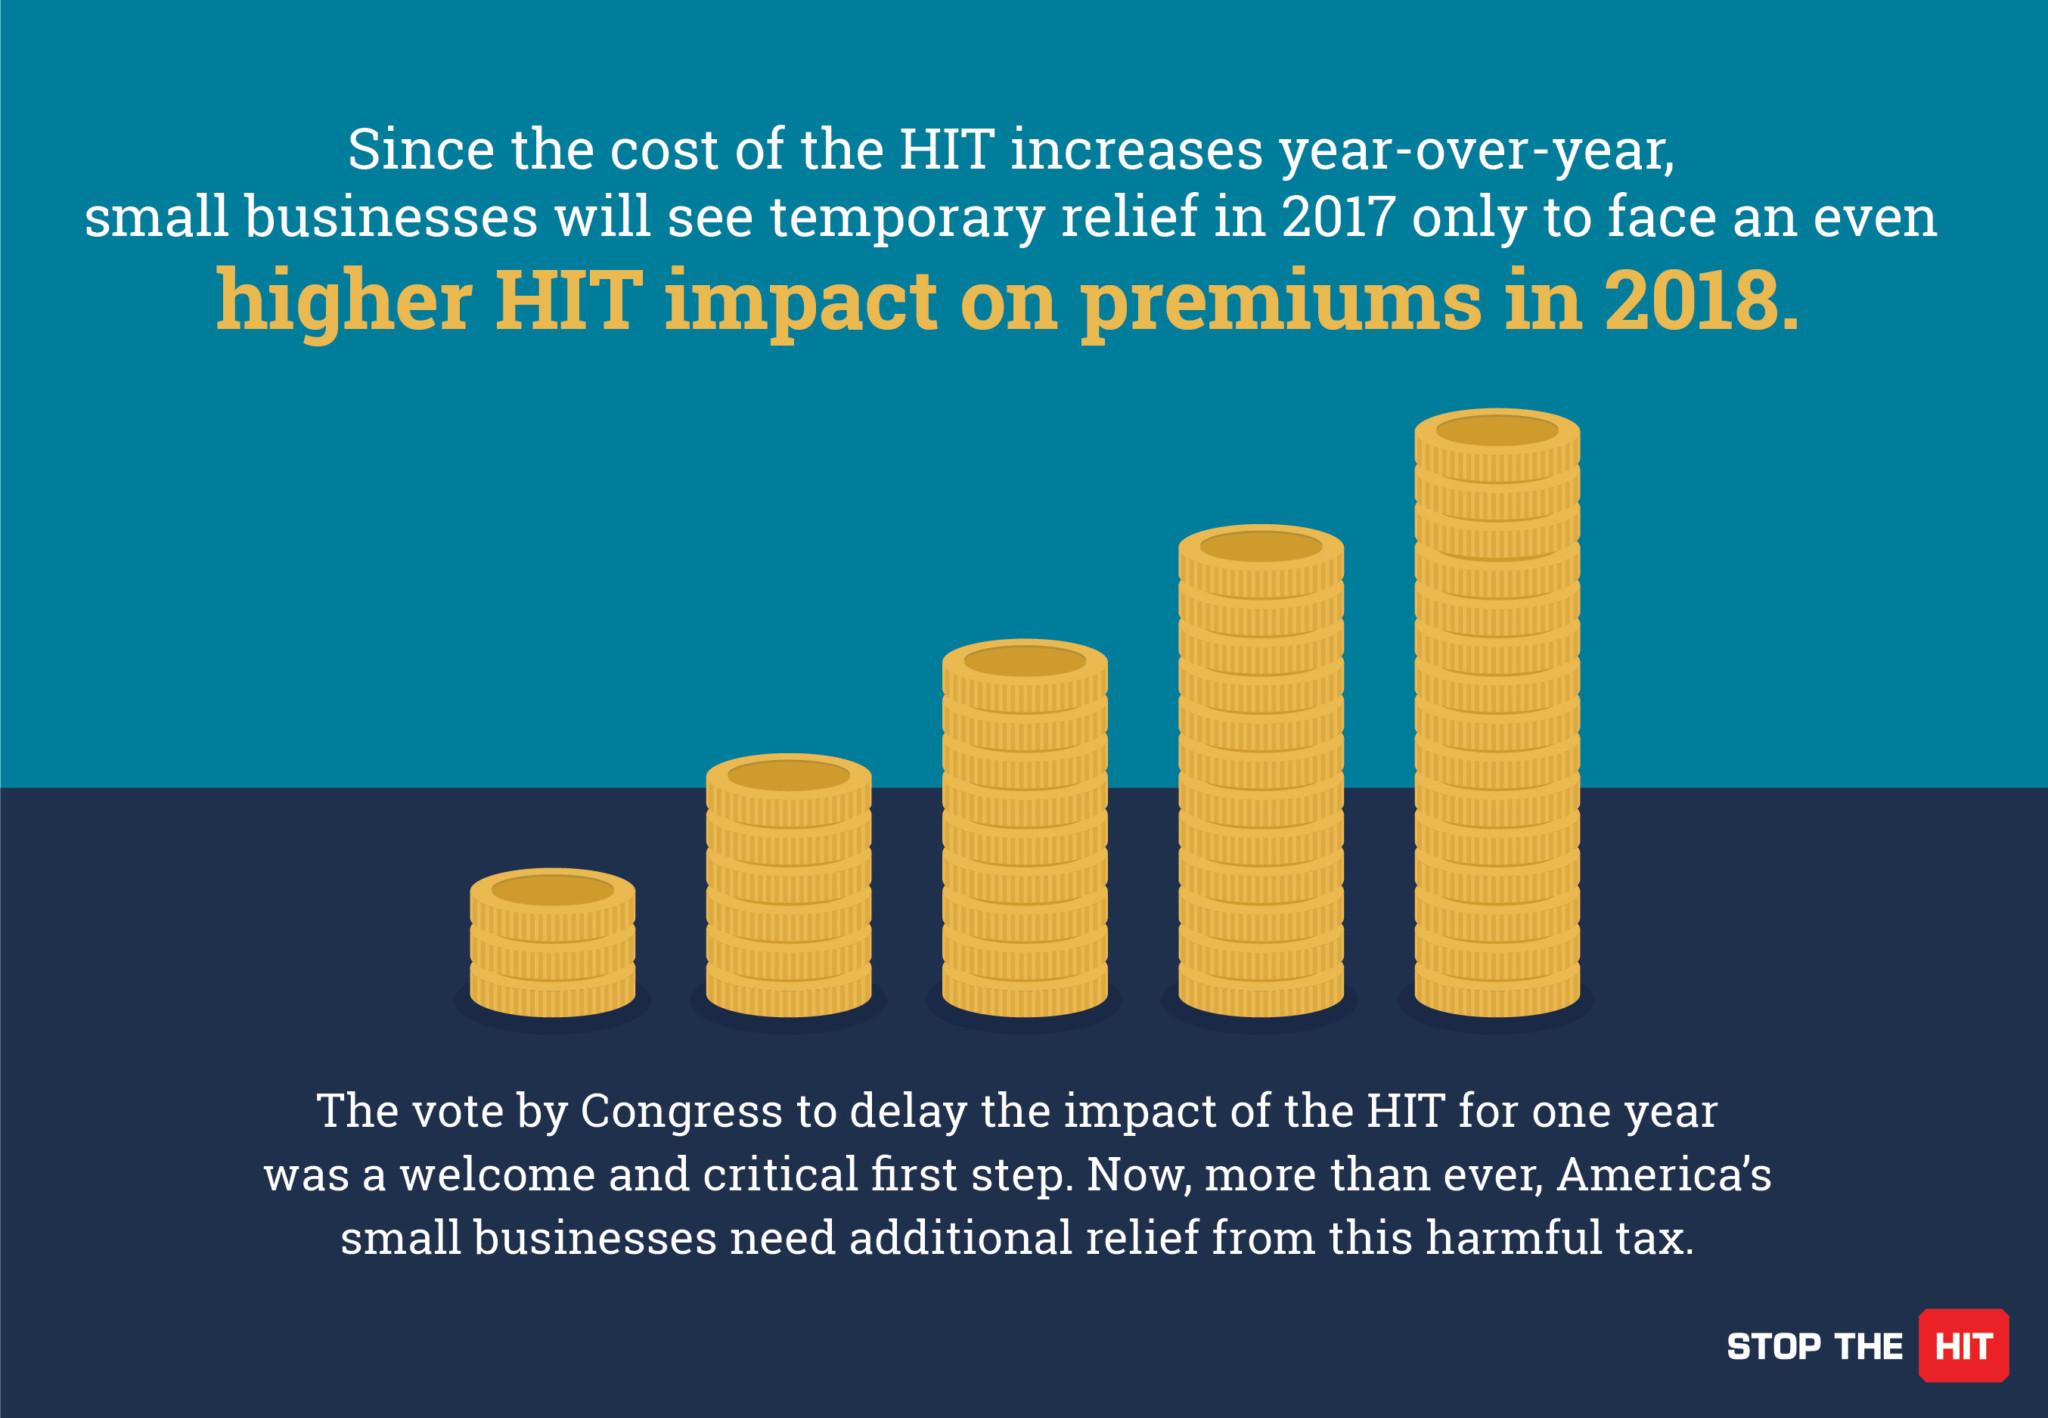 HIT Infographic #4